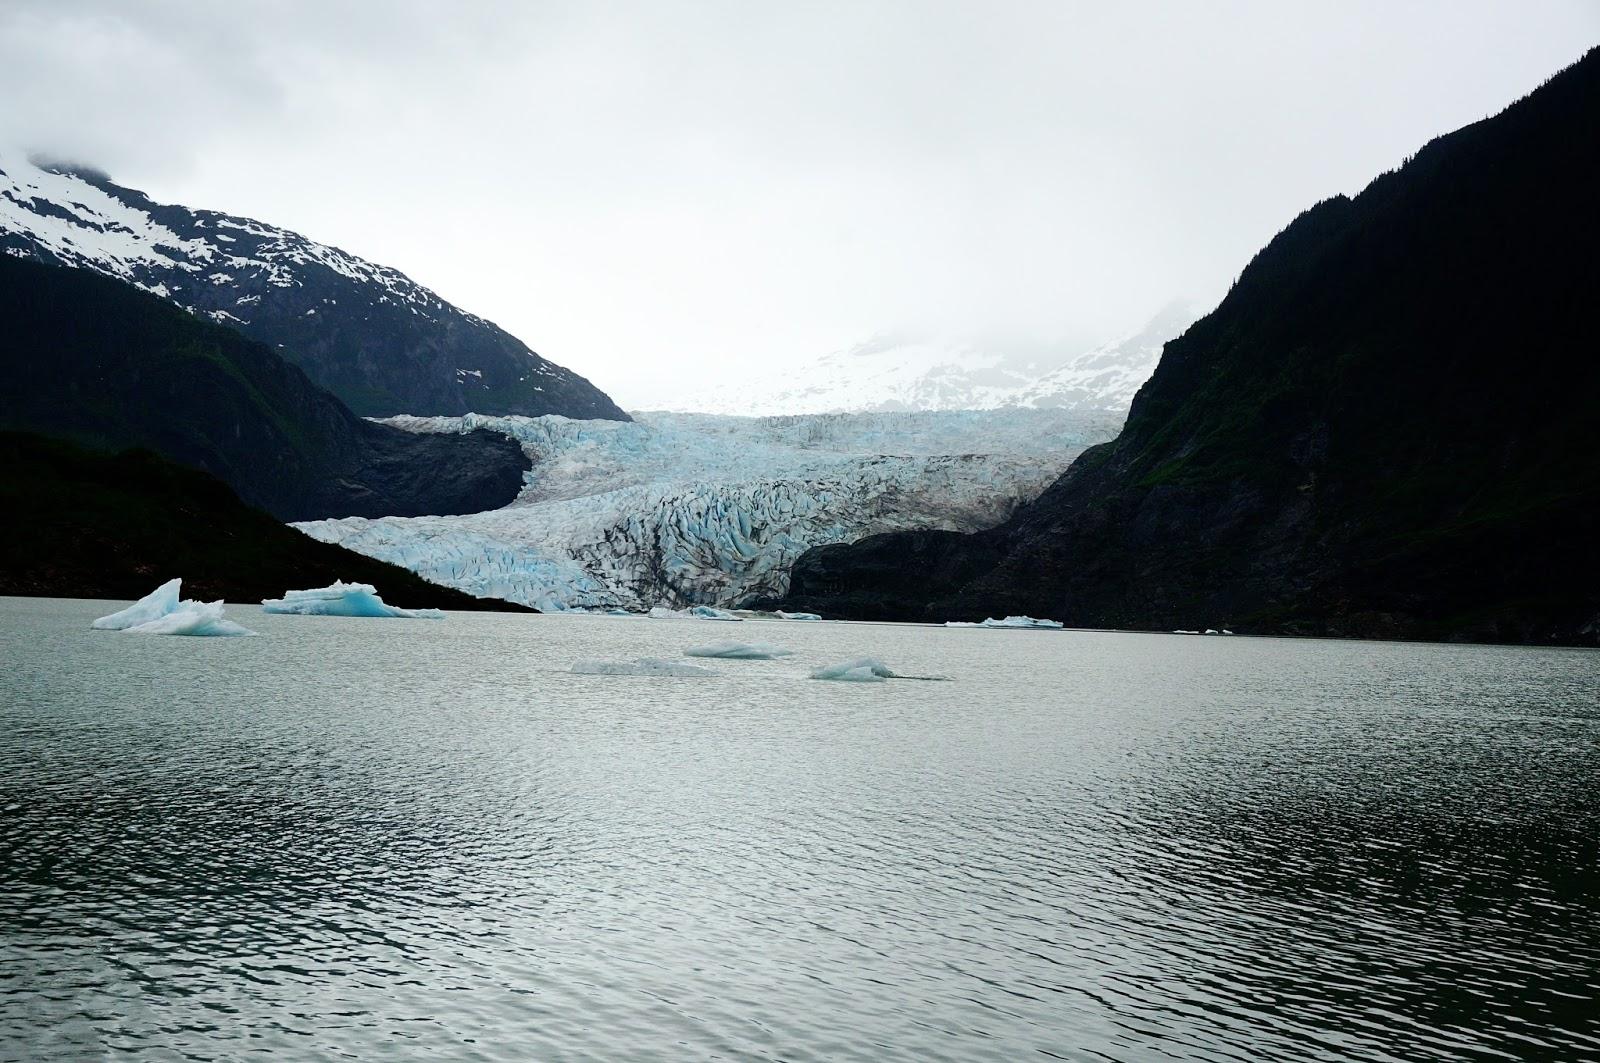 mendenhal glacier alaskan cruise review